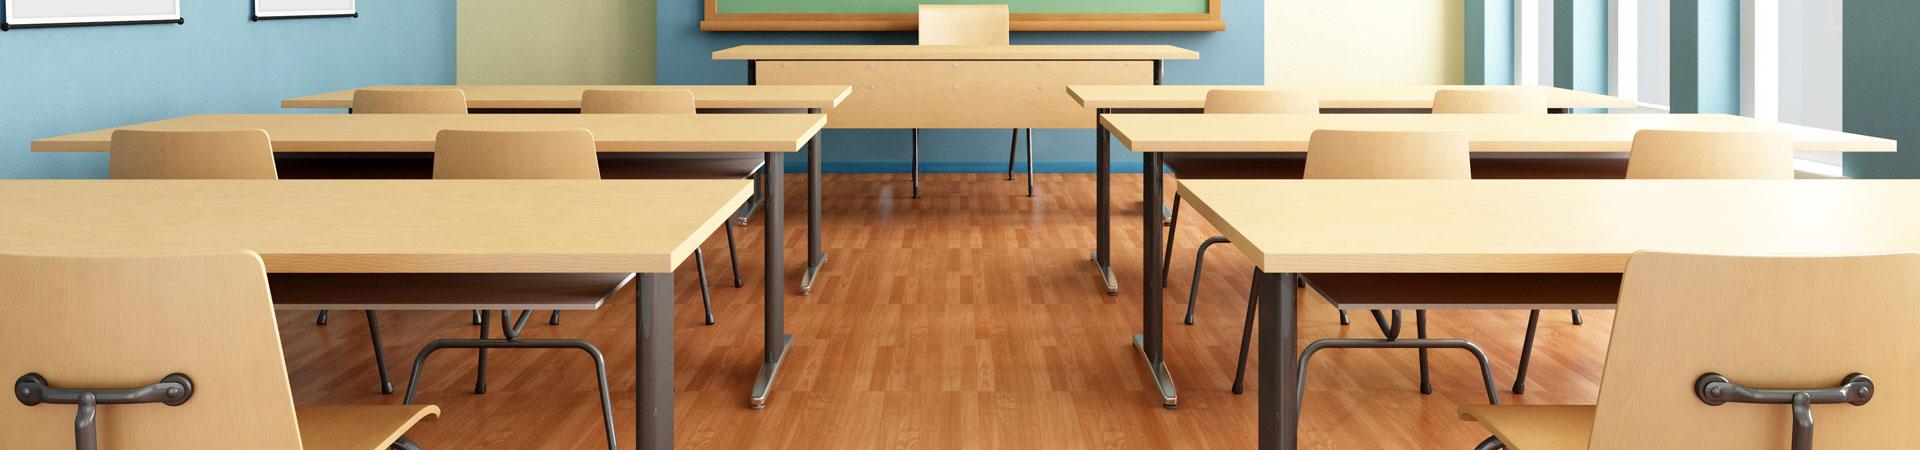 Education Vinyl Flooring